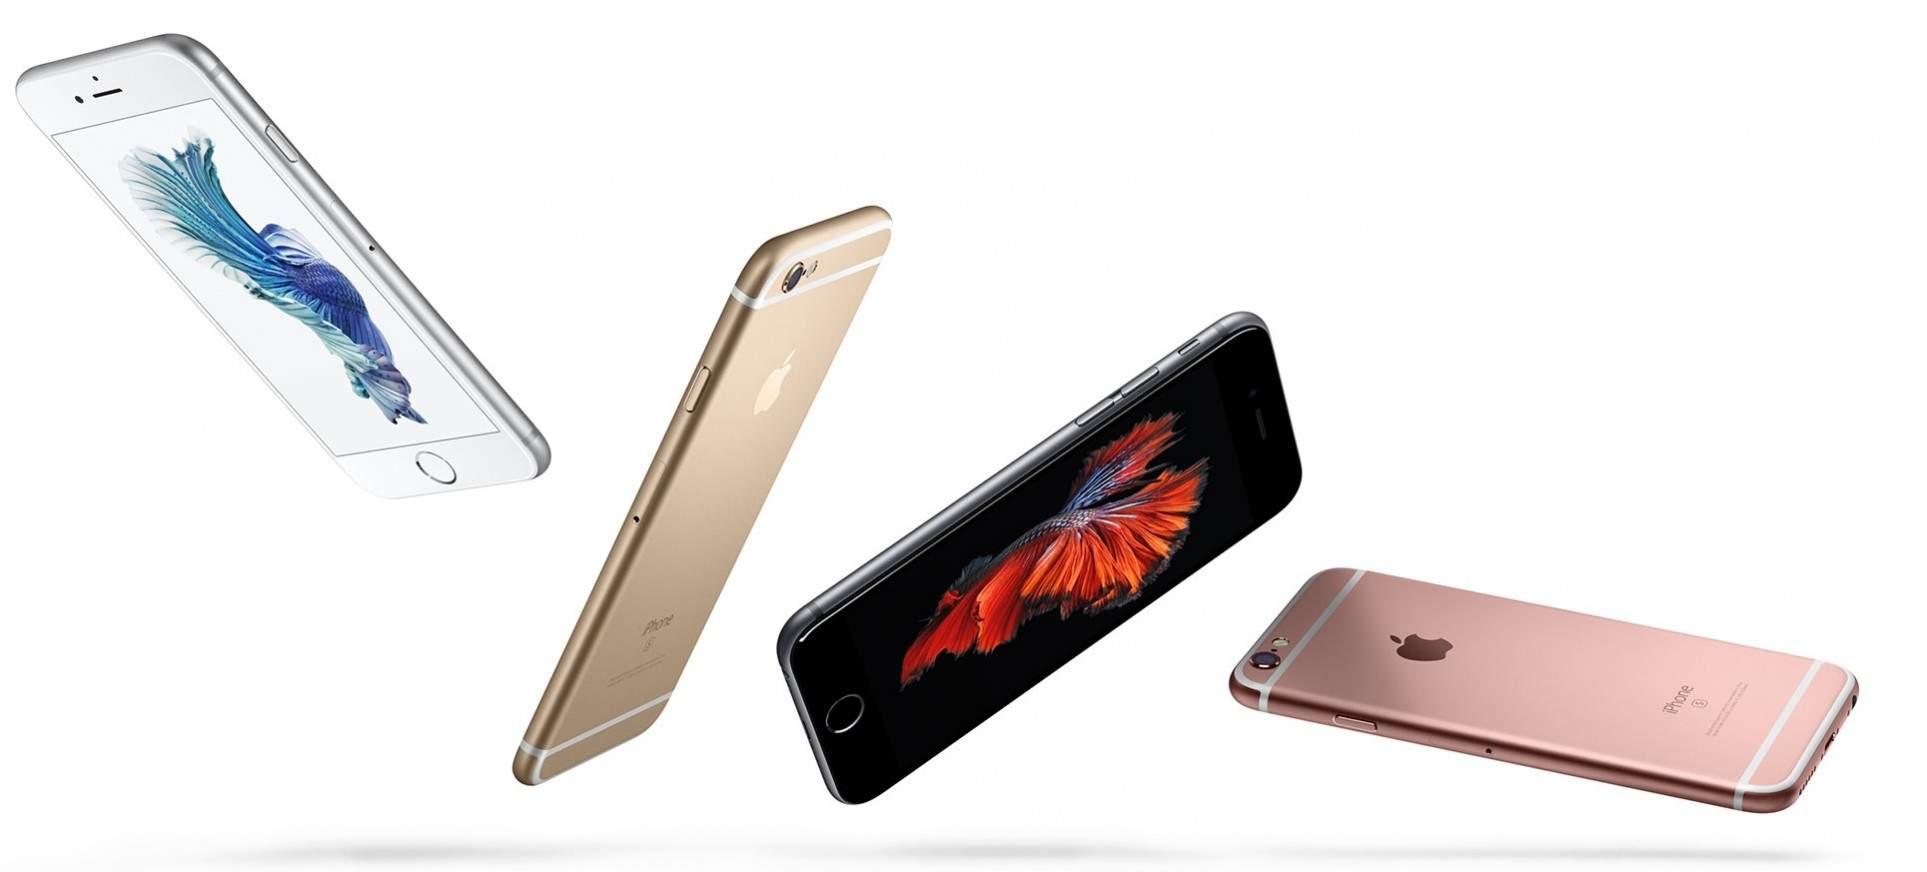 Harga Iphone 7 Di Blibli Smartfren Dan Itc Roxy Mas Siapa Lebih Apple 256gb Garansi Inter Menghadirkan Kamera Utama 12 Mp Dalam Dual Pada Plus Ini Hadir Dengan Fitur Optical Image Stabilization